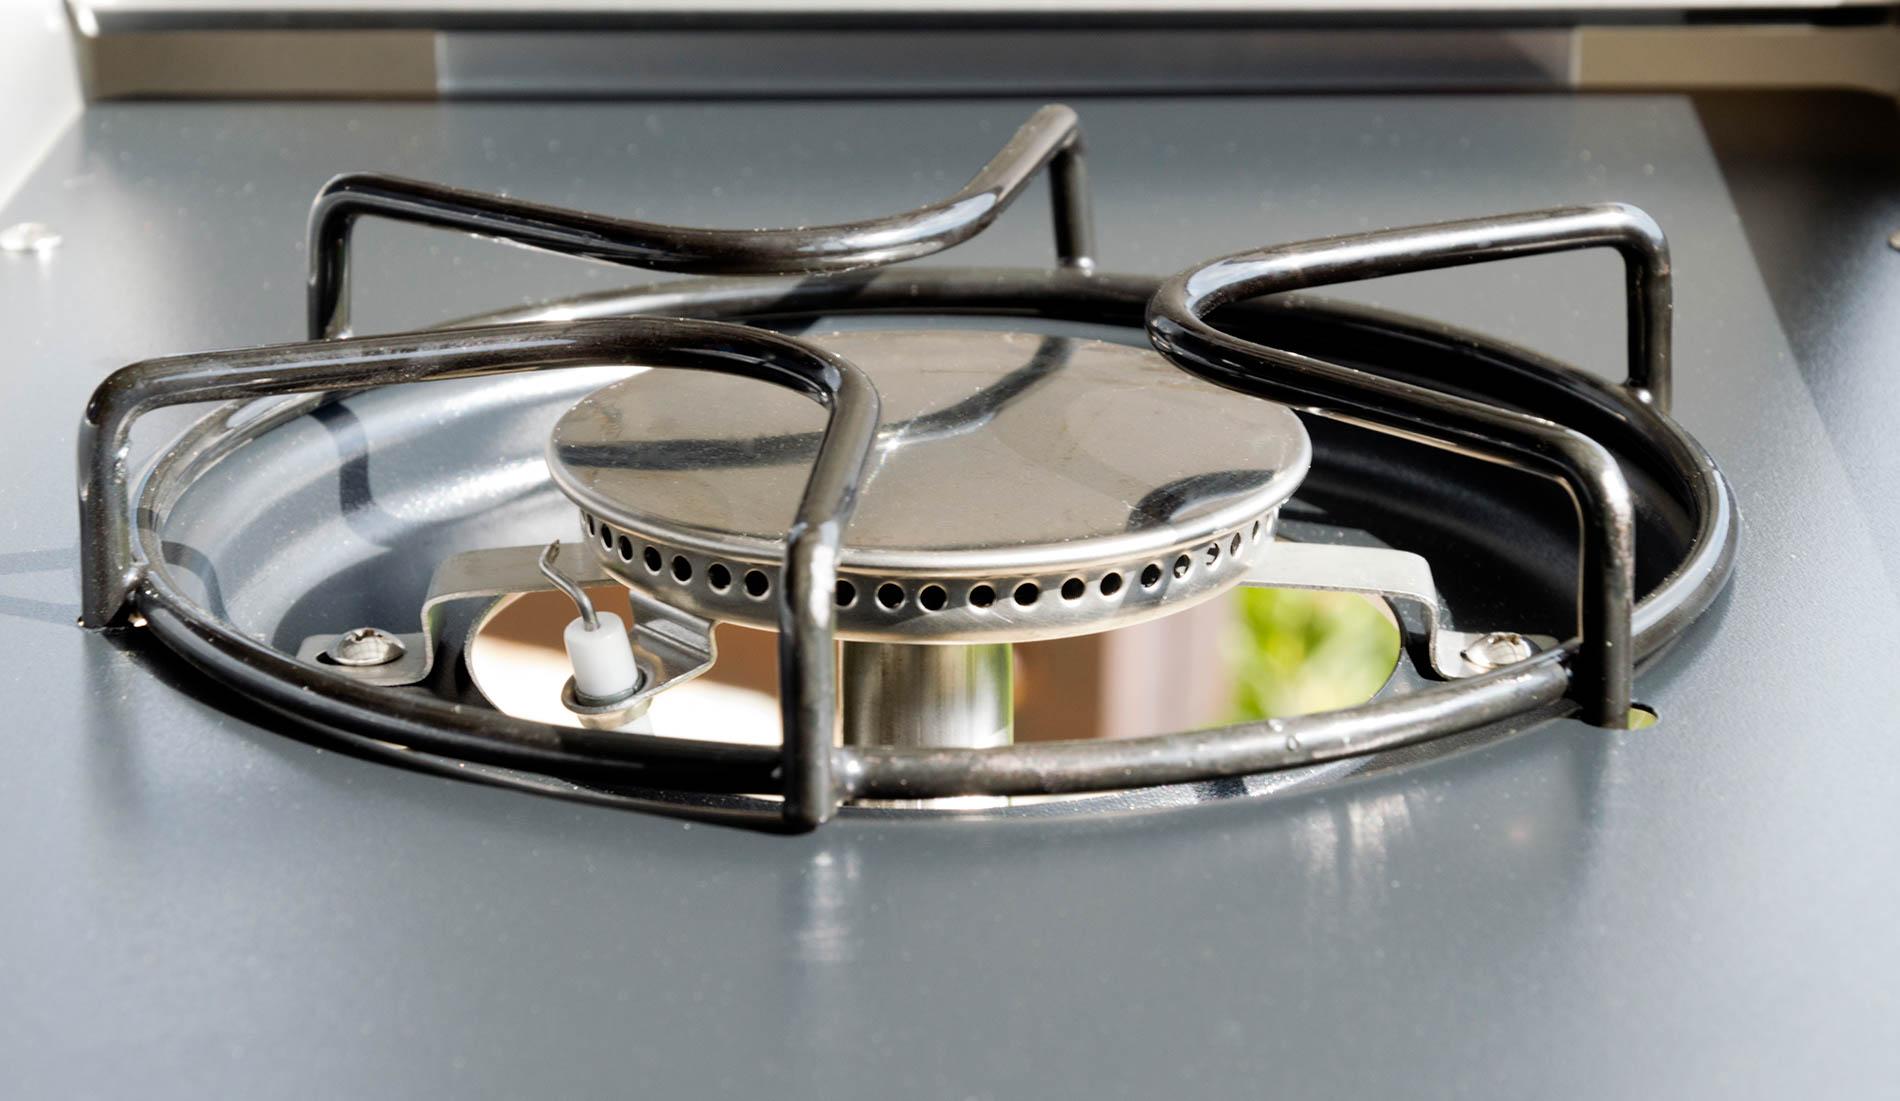 Plynová plotýnka na vaření a smažení